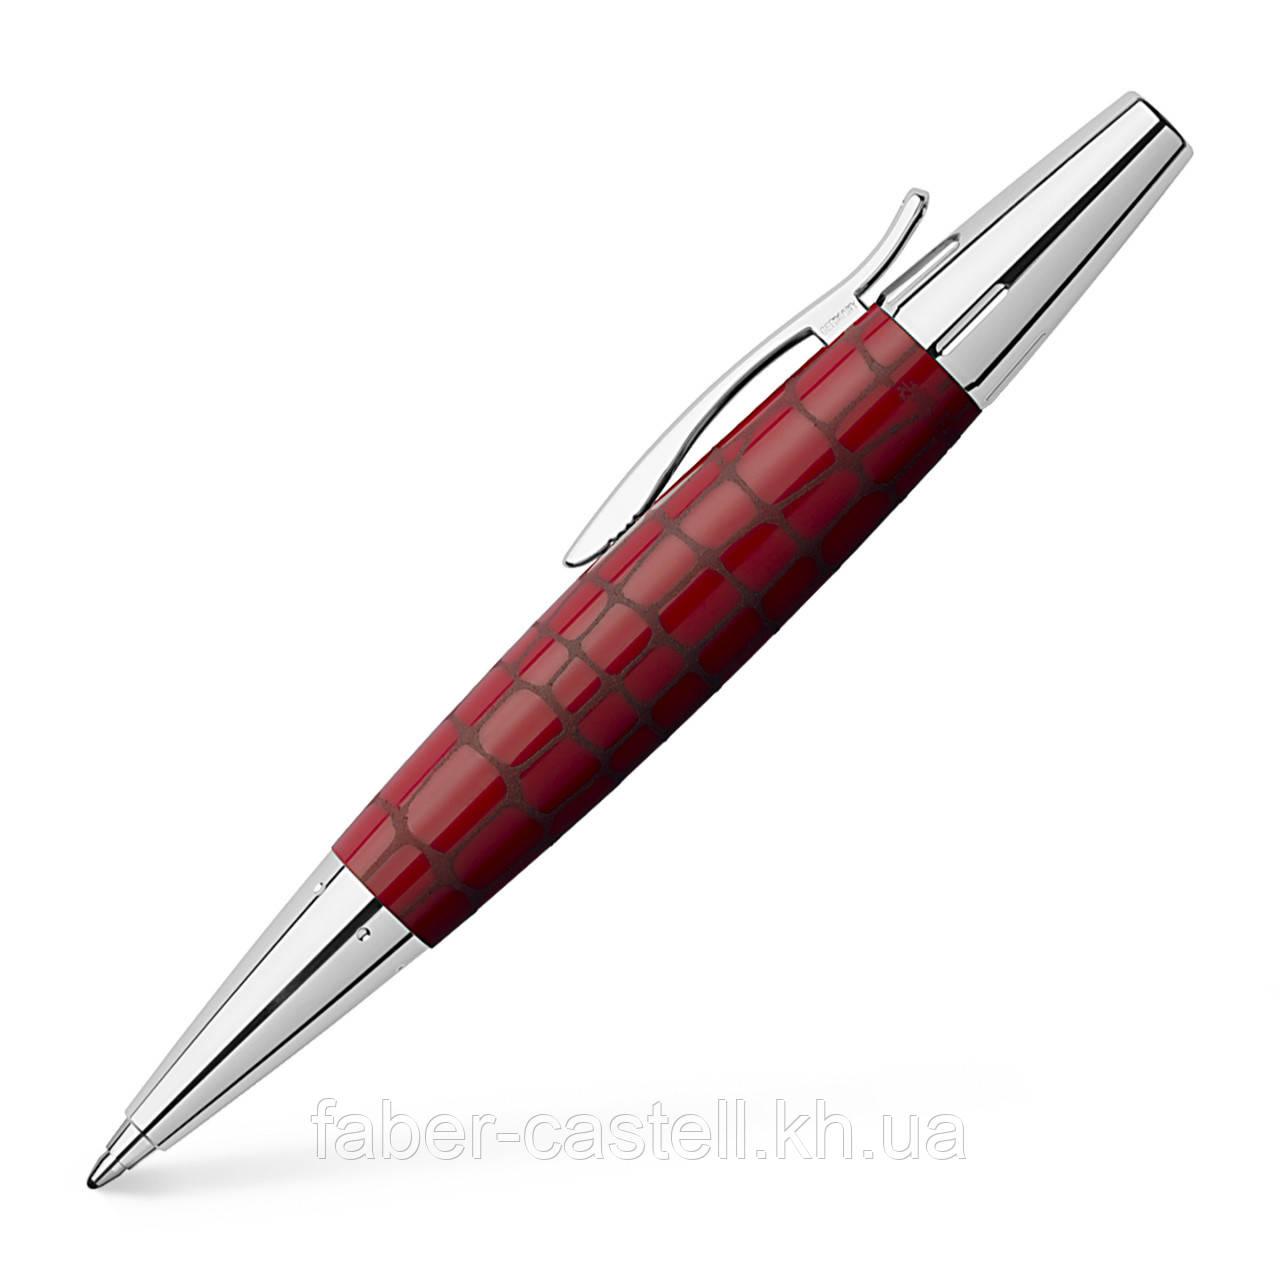 Ручка шариковая Faber-Castell E-motion resin сroco hibiscus, корпус темно-красный, 148357